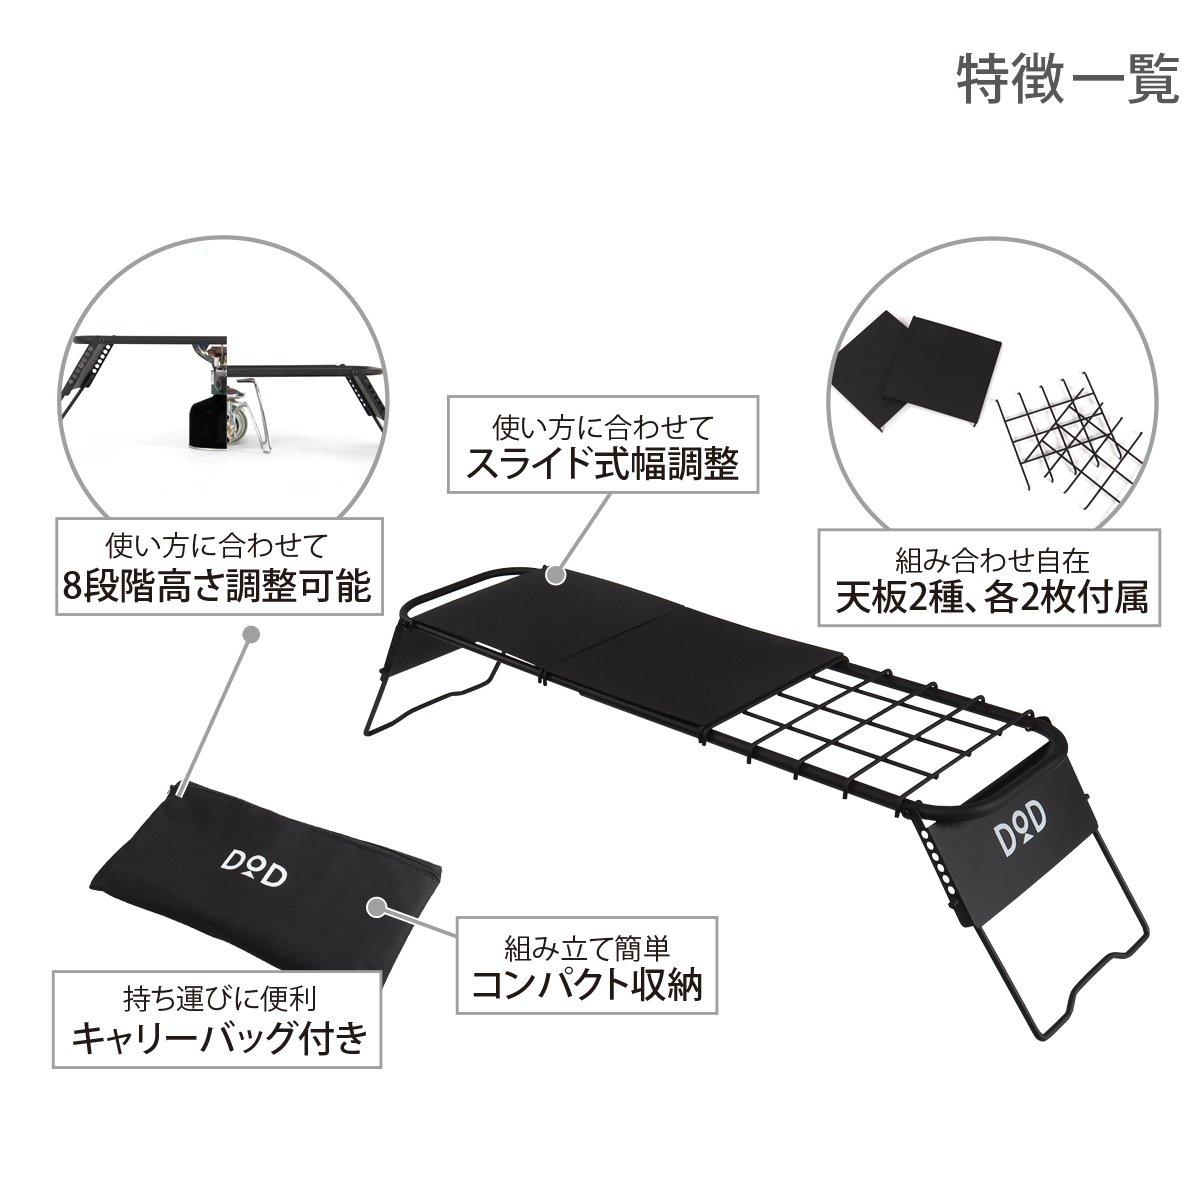 日本 DOPPELGANGER /  DOD營舞者 迷你廚房桌 / TB1-567。1色。(6800*3.3)日本必買代購 / 日本樂天。件件免運 2